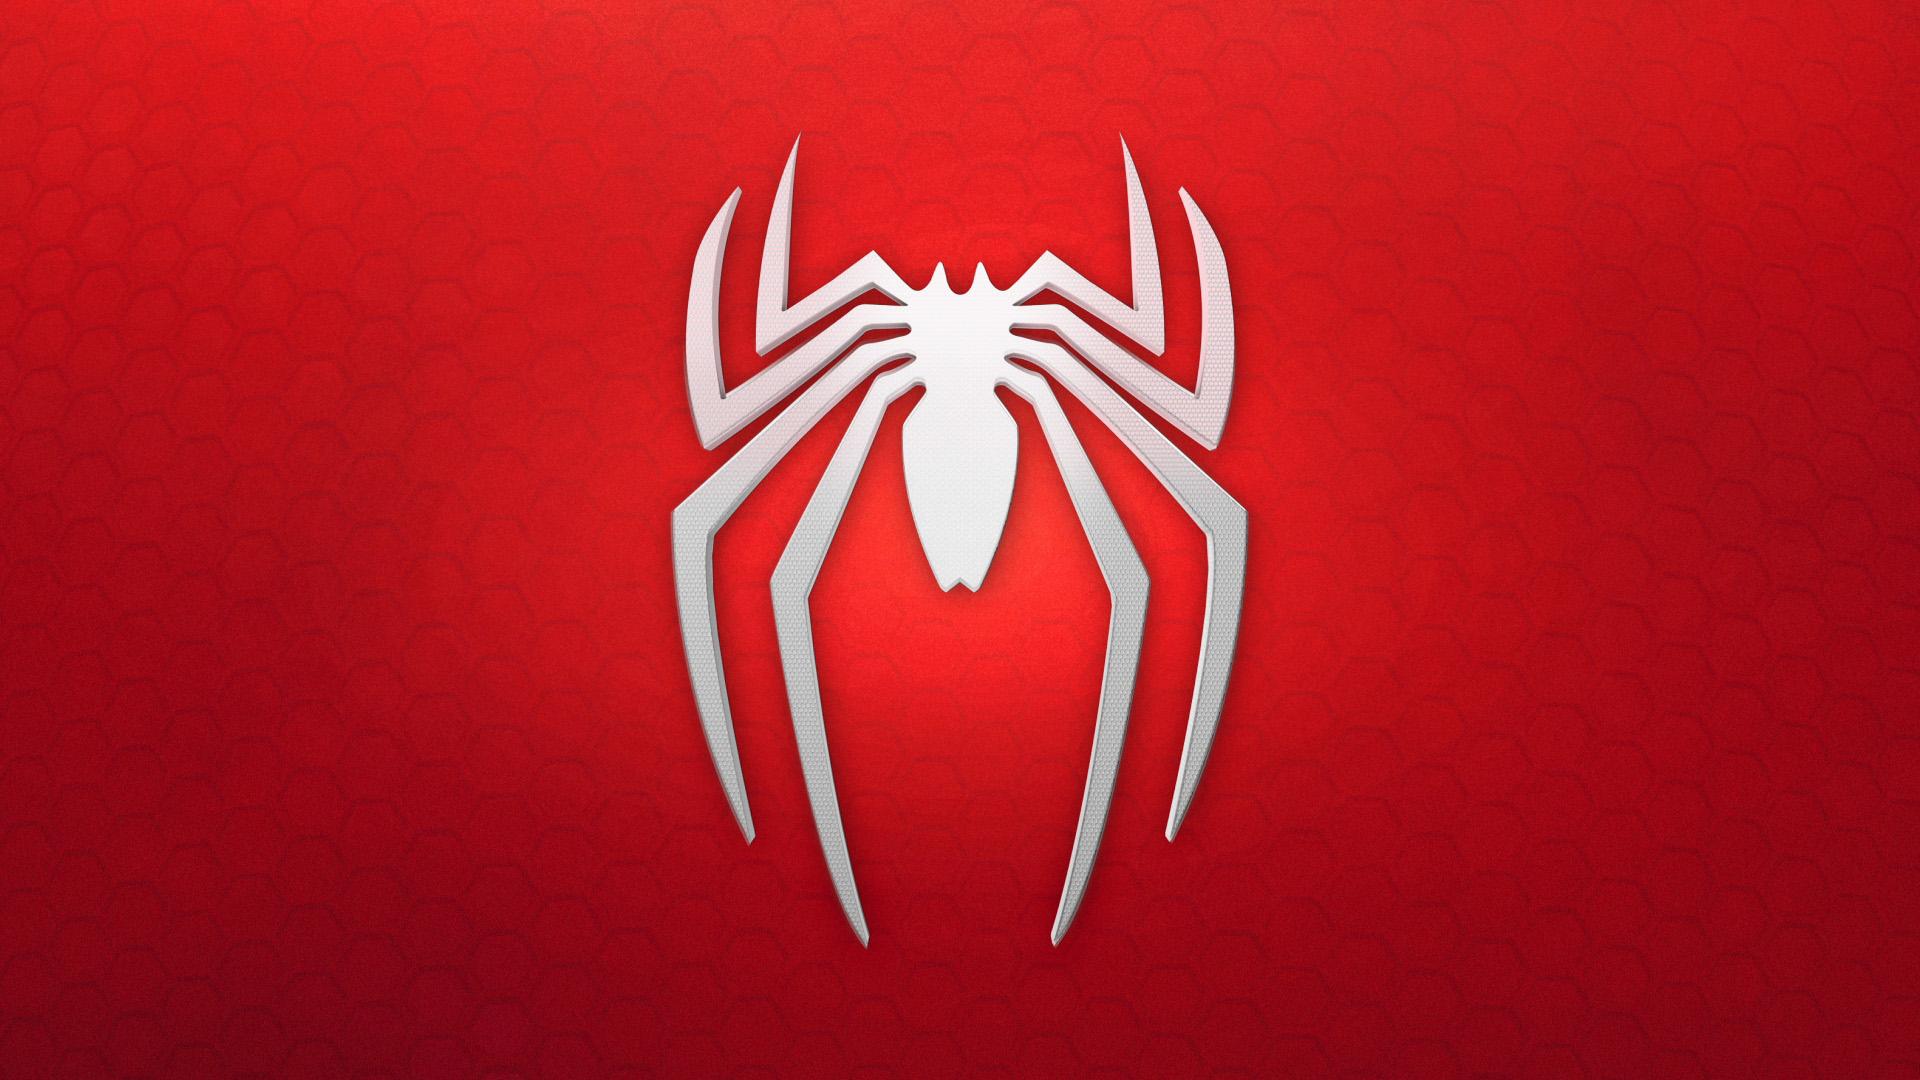 توضیحات سازندگان بازی Spider-Man پیرامون برخی از سوالات طرفداران